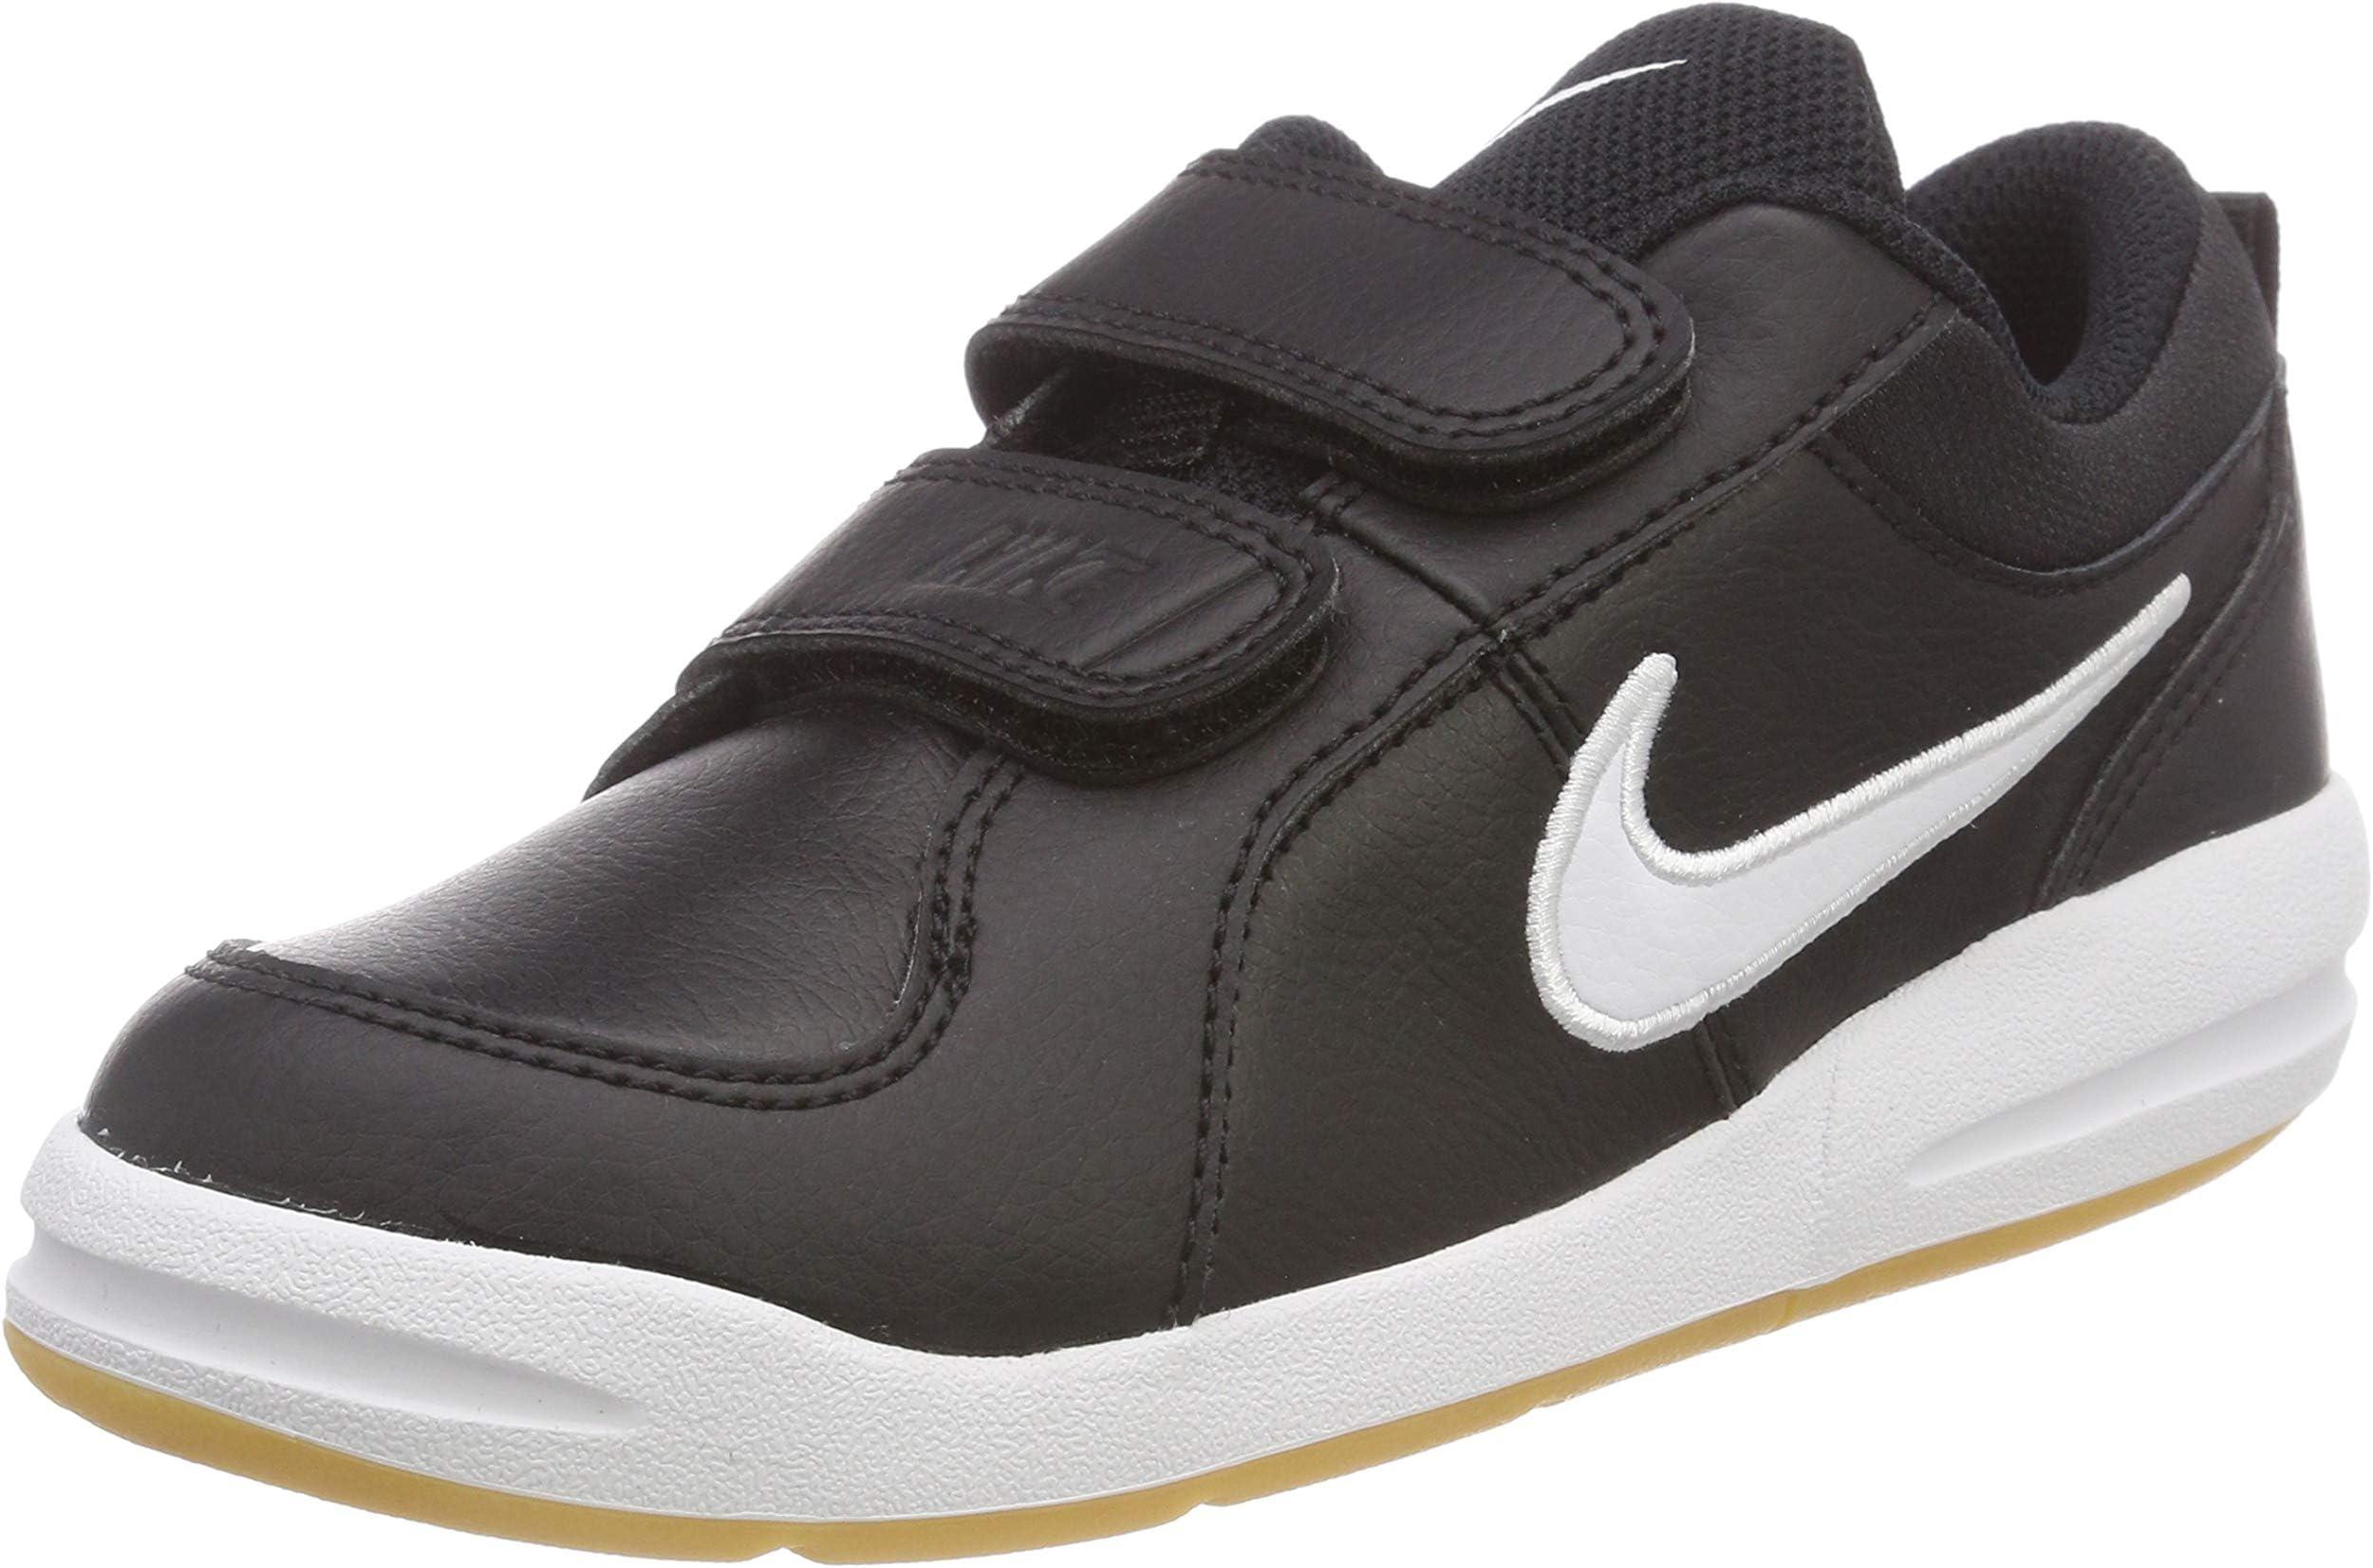 scarpe da tennis nike bambino